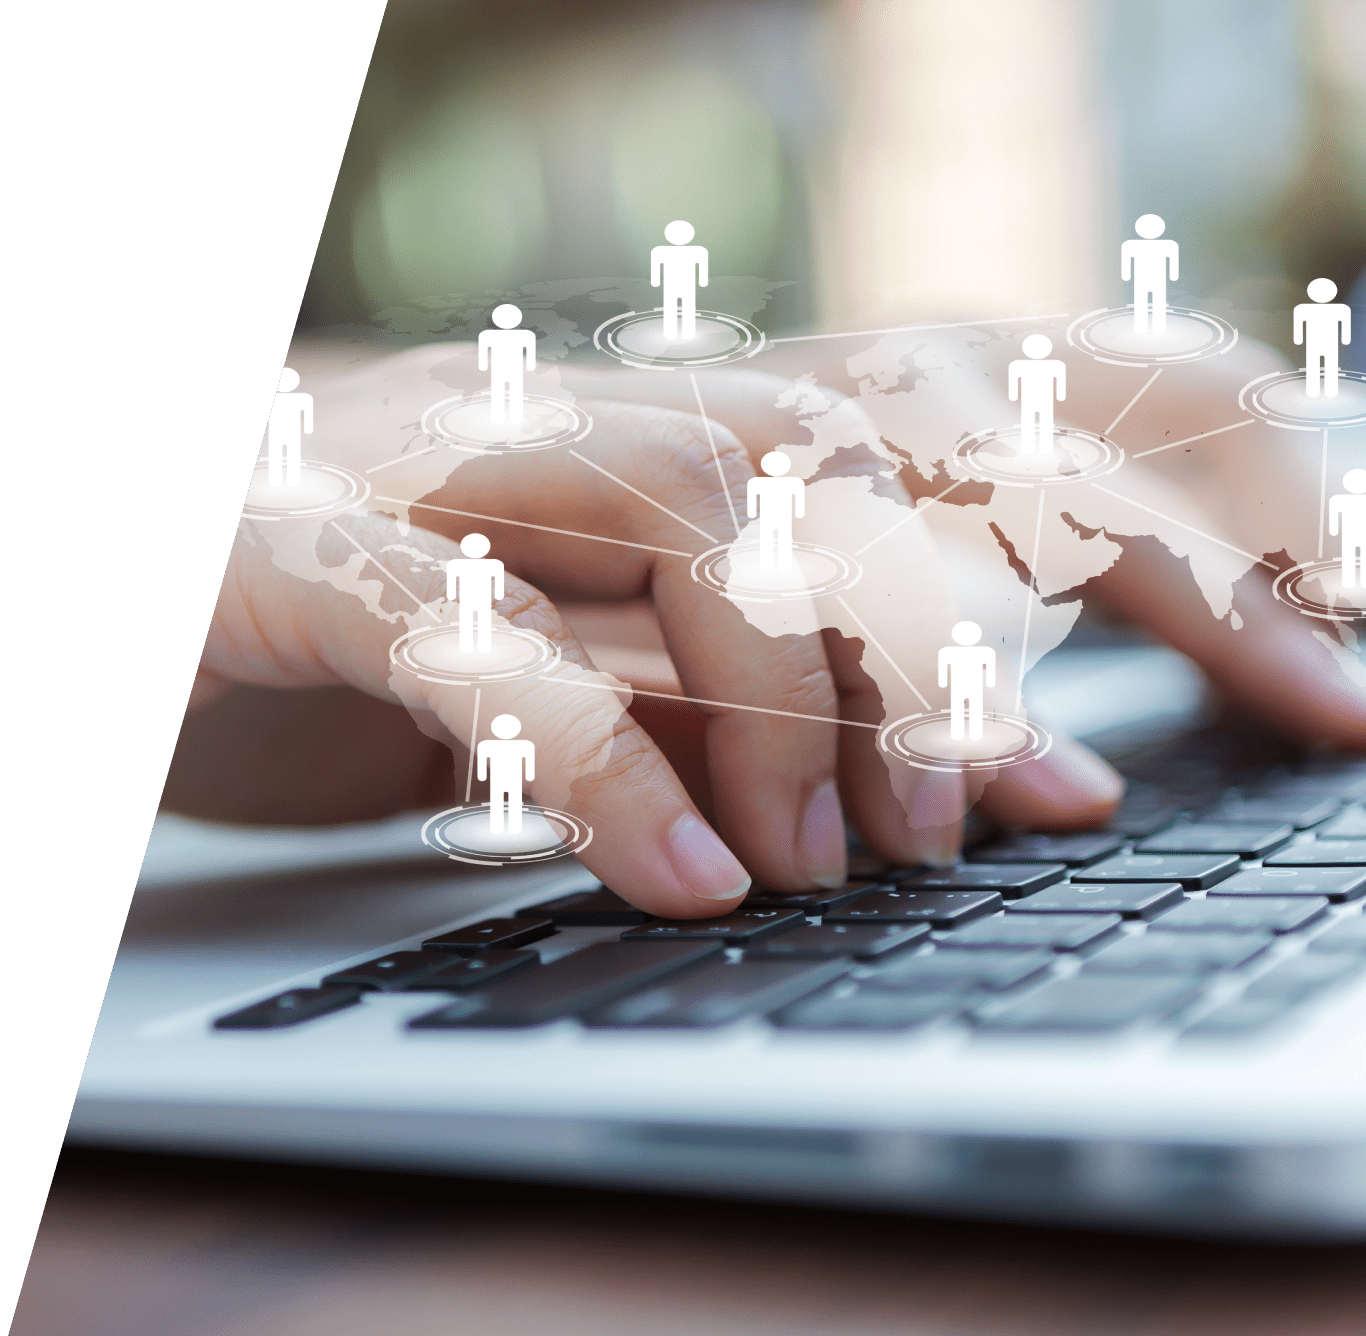 Manos escribiendo en un portátil, en primer plano aparecen icones de personas en un mapa del mundo conectados entre ellos